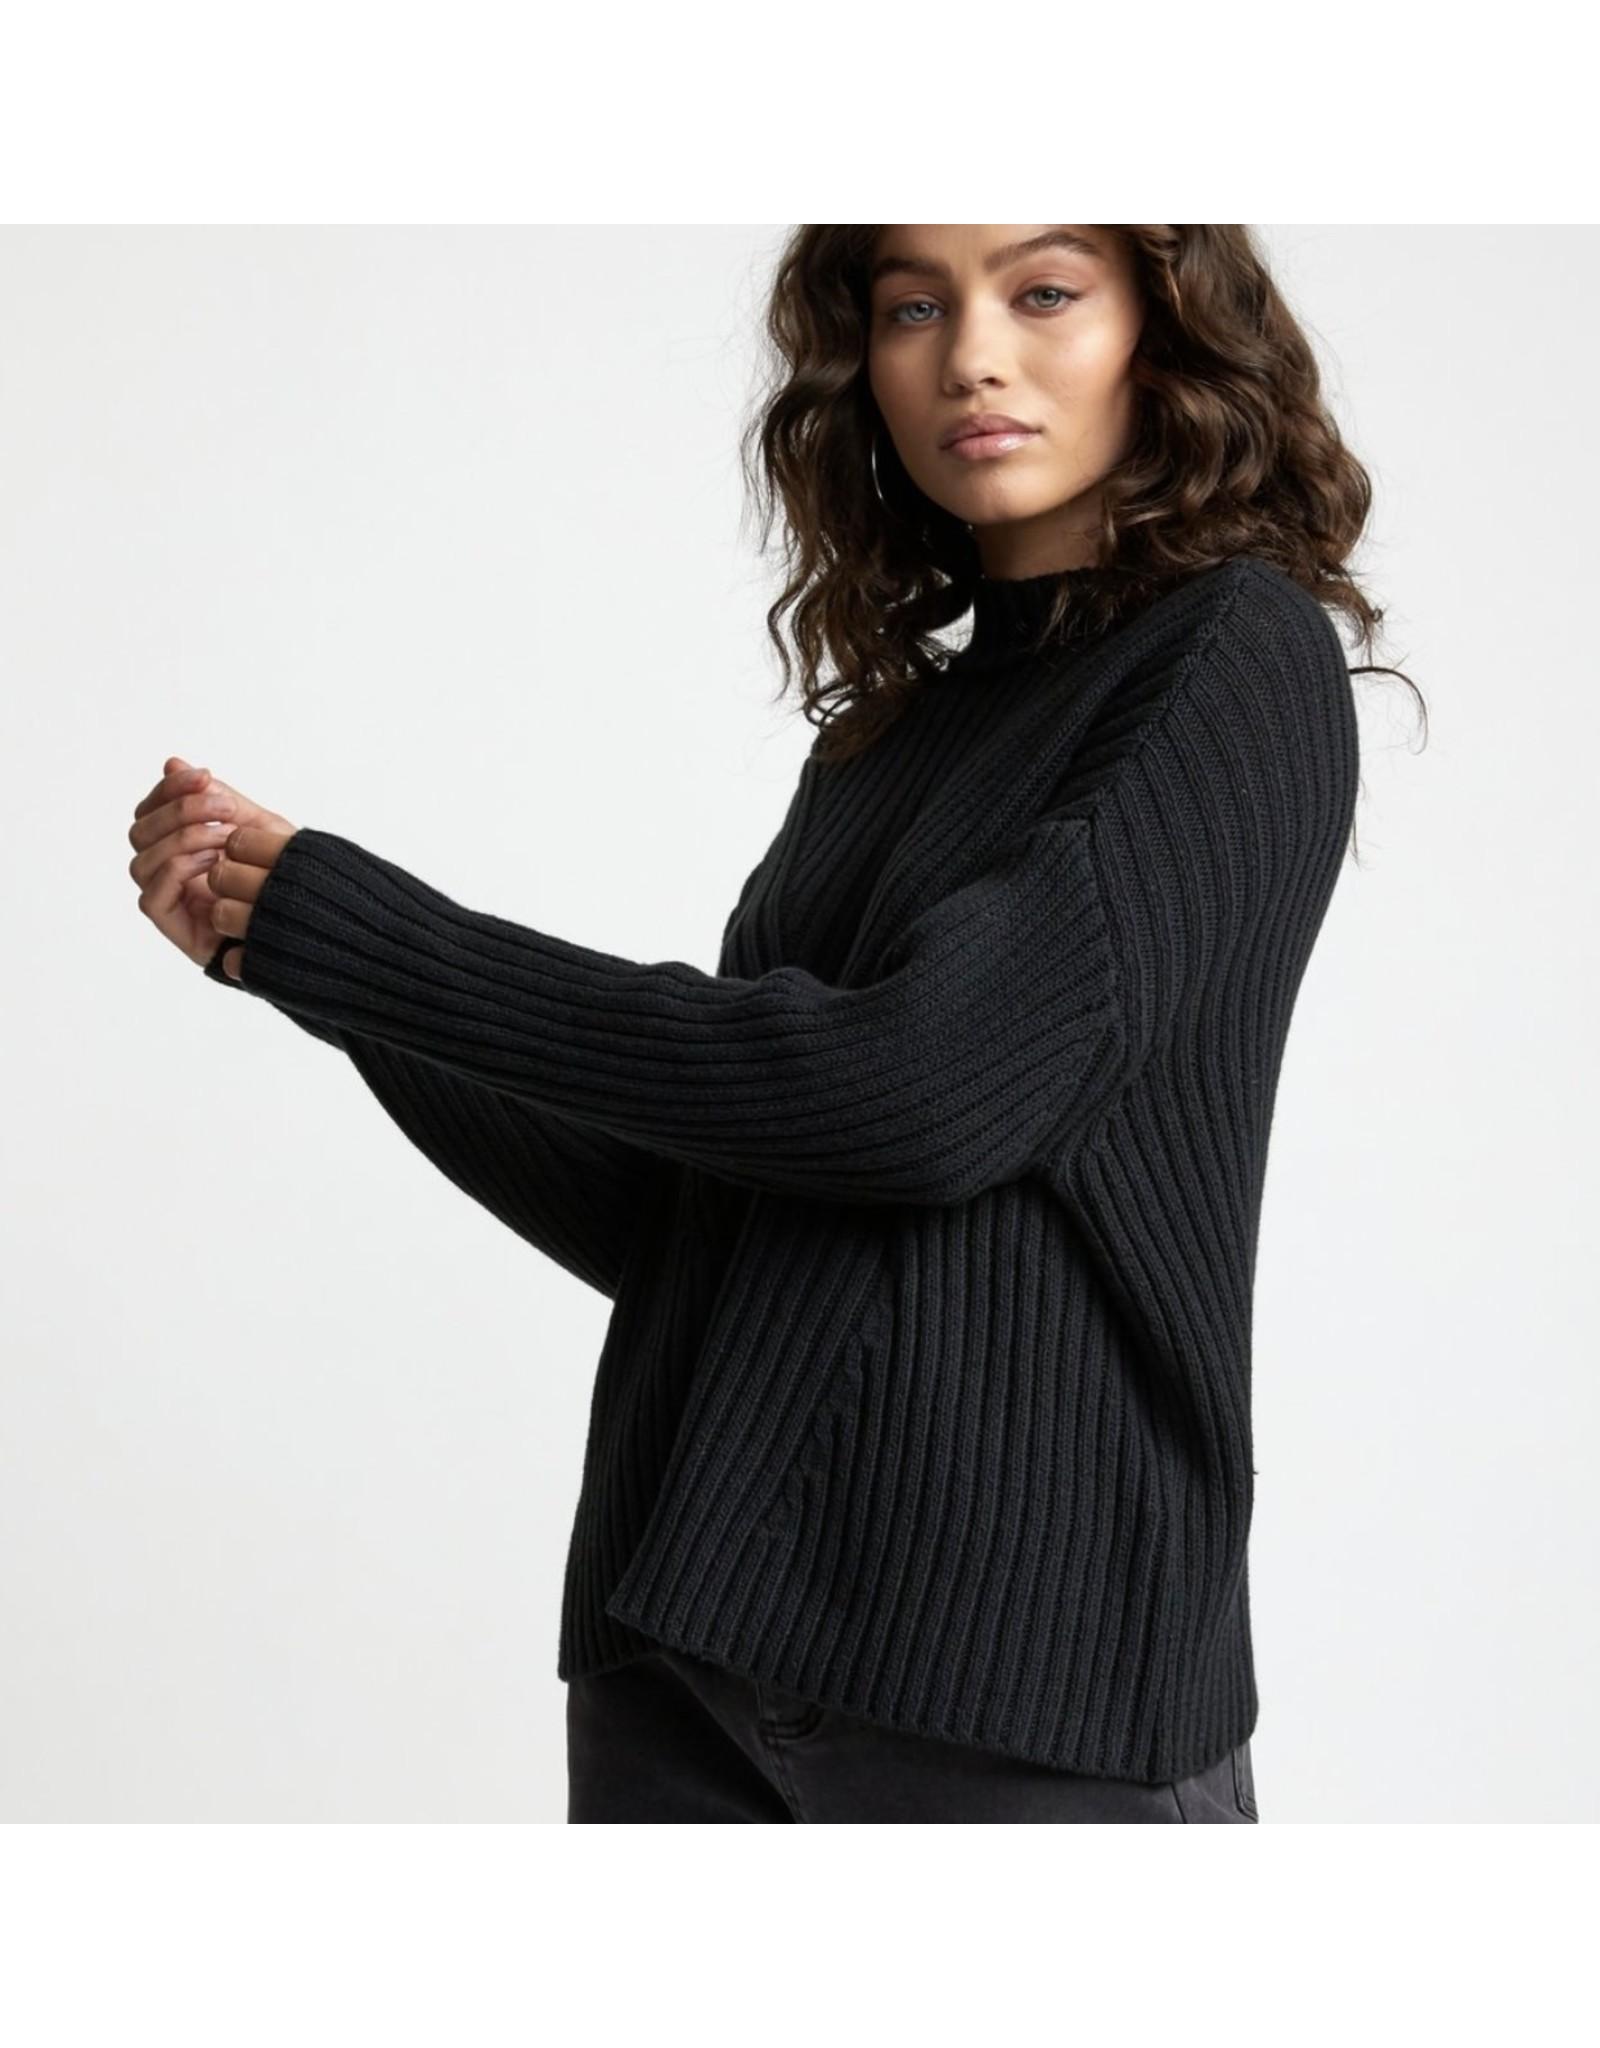 RVCA Arabella Sweater